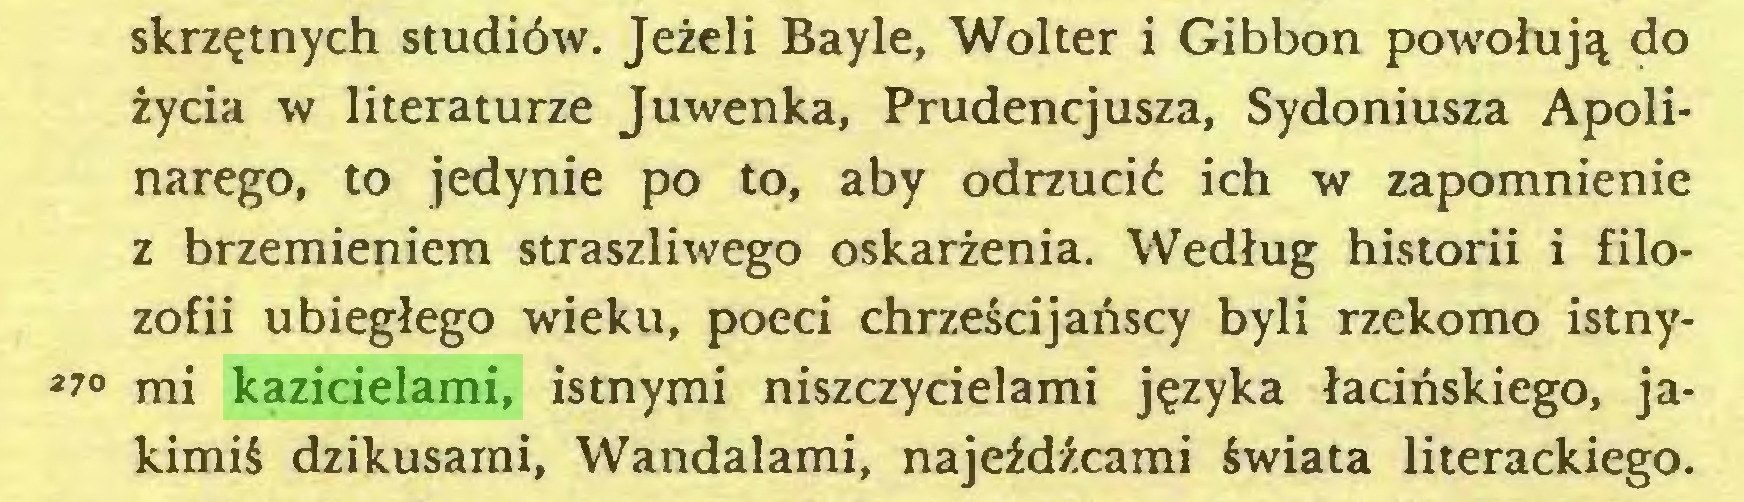 (...) skrzętnych studiów. Jeżeli Bayle, Wolter i Gibbon powołują do życia w literaturze Juwenka, Prudencjusza, Sydoniusza Apolinarego, to jedynie po to, aby odrzucić ich w zapomnienie z brzemieniem straszliwego oskarżenia. Według historii i filozofii ubiegłego wieku, poeci chrześcijańscy byli rzekomo istny*70 mi kazicielami, istnymi niszczycielami języka łacińskiego, jakimiś dzikusami, Wandalami, najeźdźcami świata literackiego...